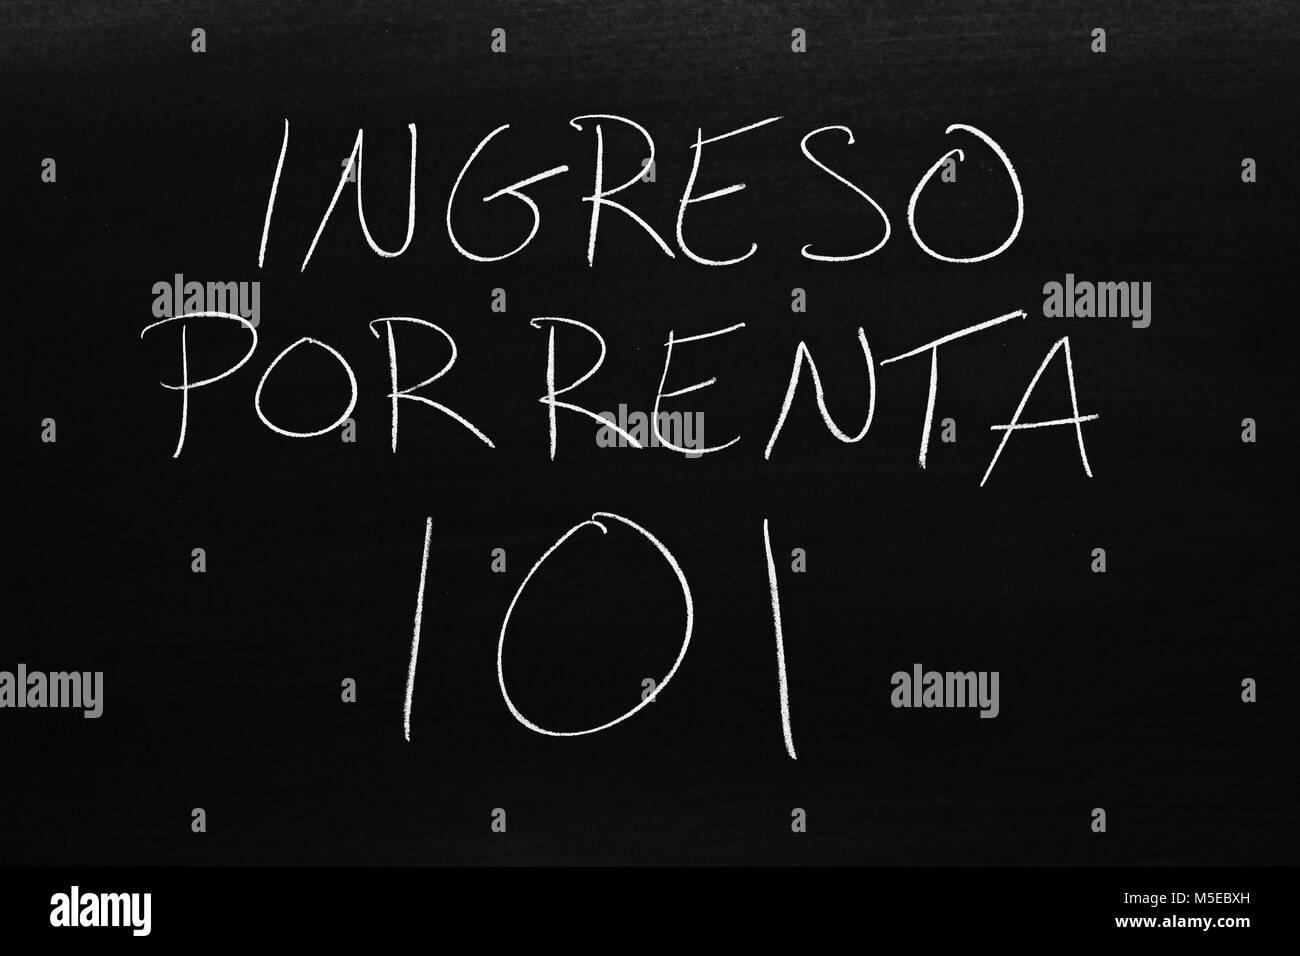 Les mots Ingreso Por Renta 101 sur un tableau noir à la craie Photo Stock